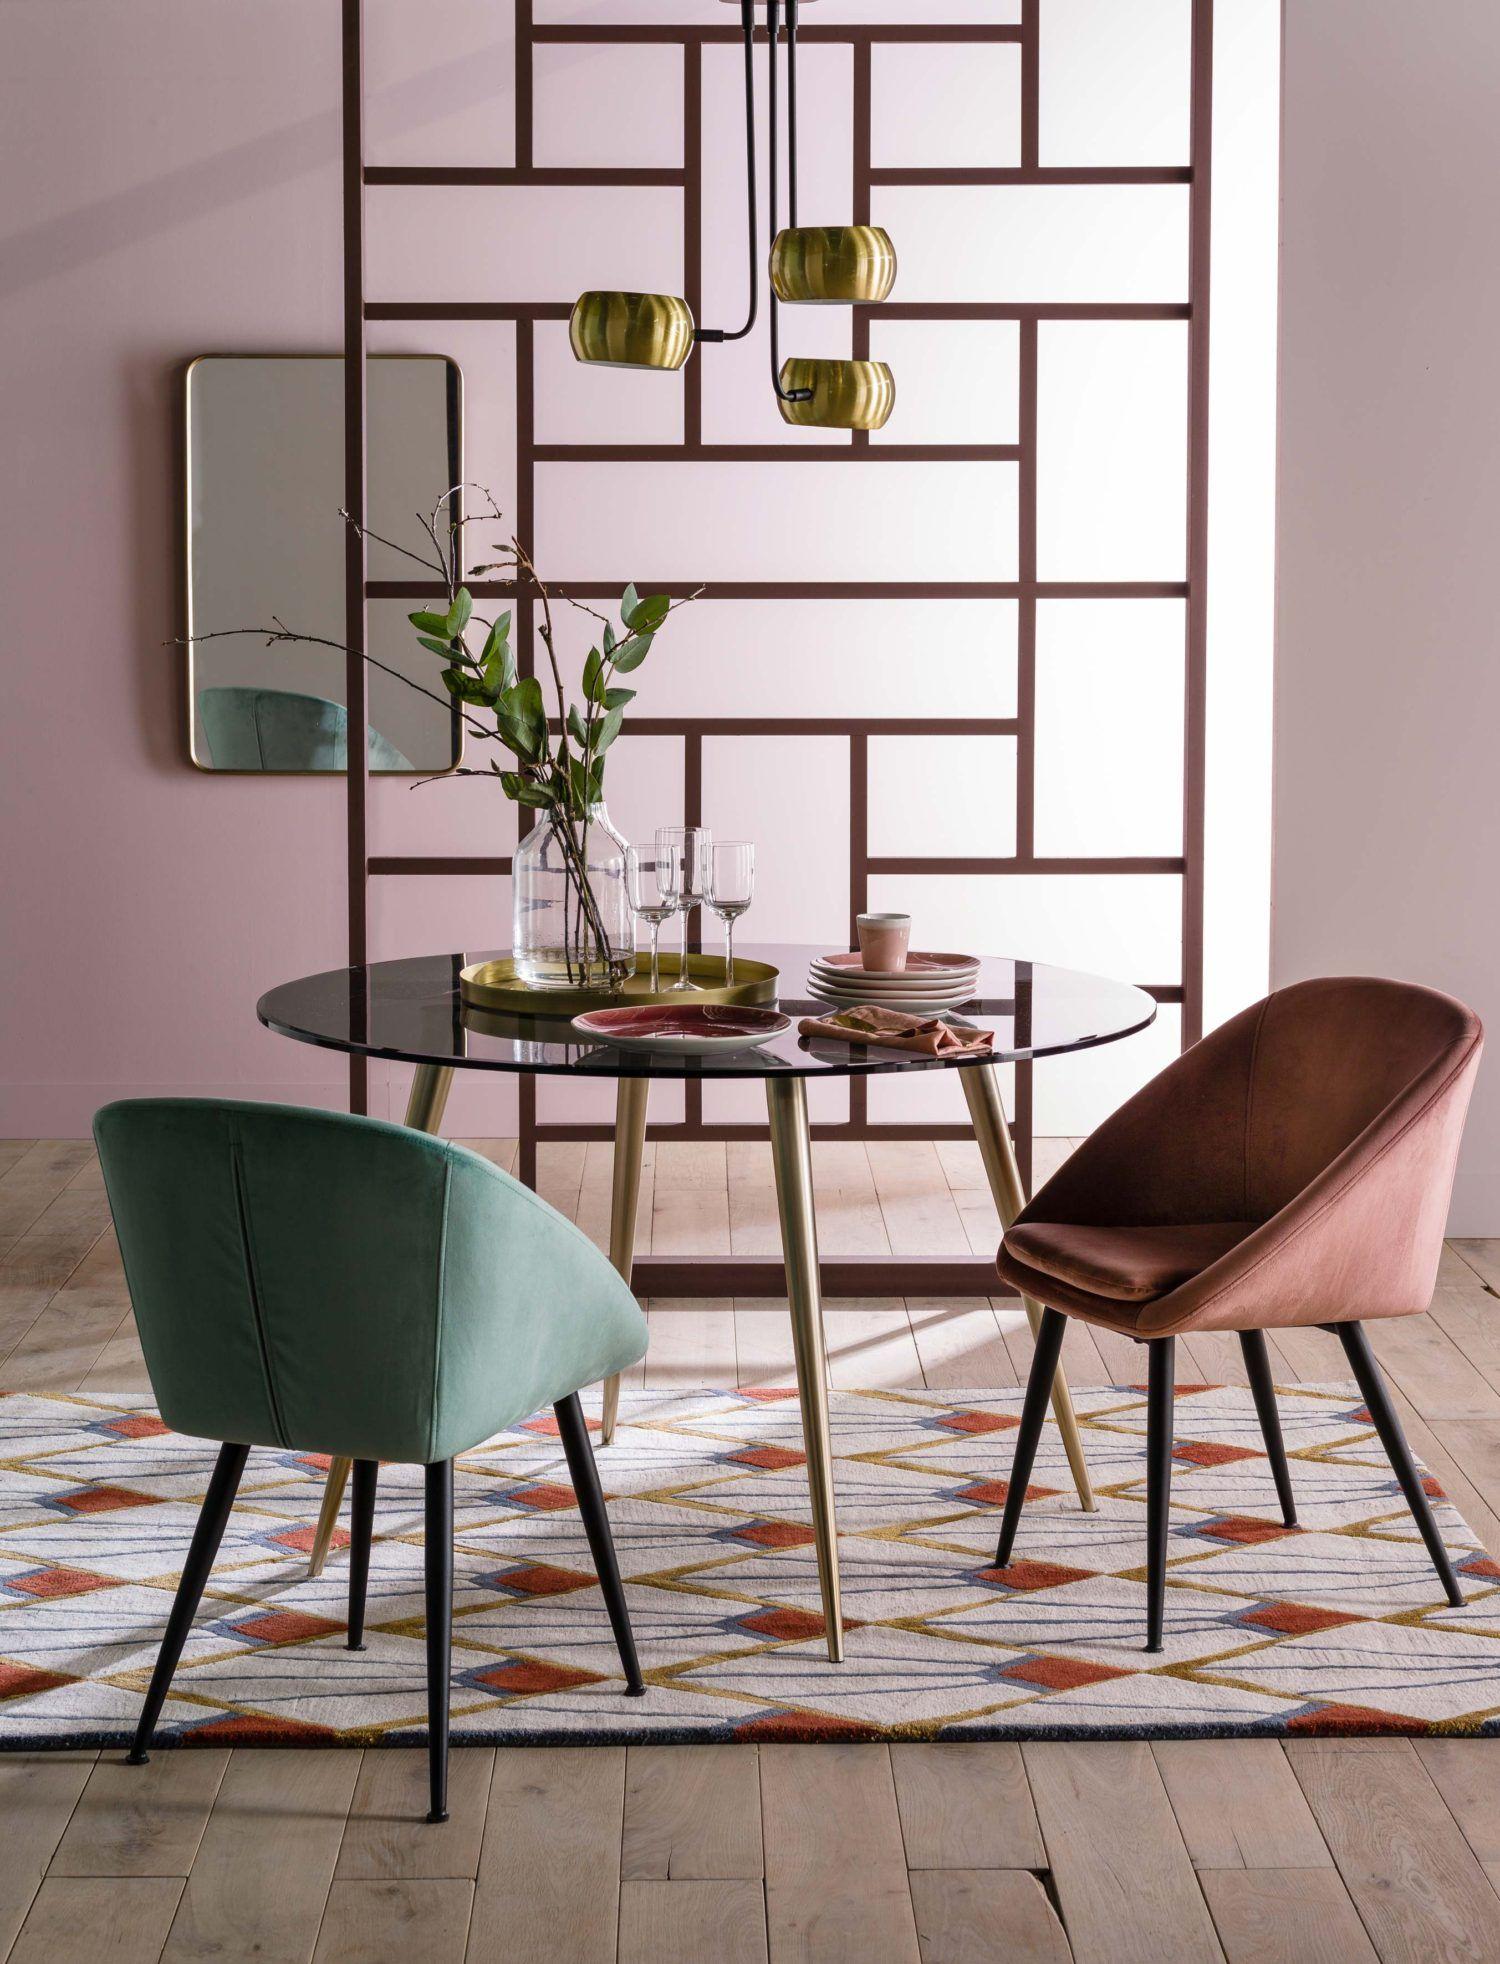 La Redoute Interieurs Plus De 70 Ambiances Deco Tapis Art Deco Salle A Manger Verte Interieur Art Deco